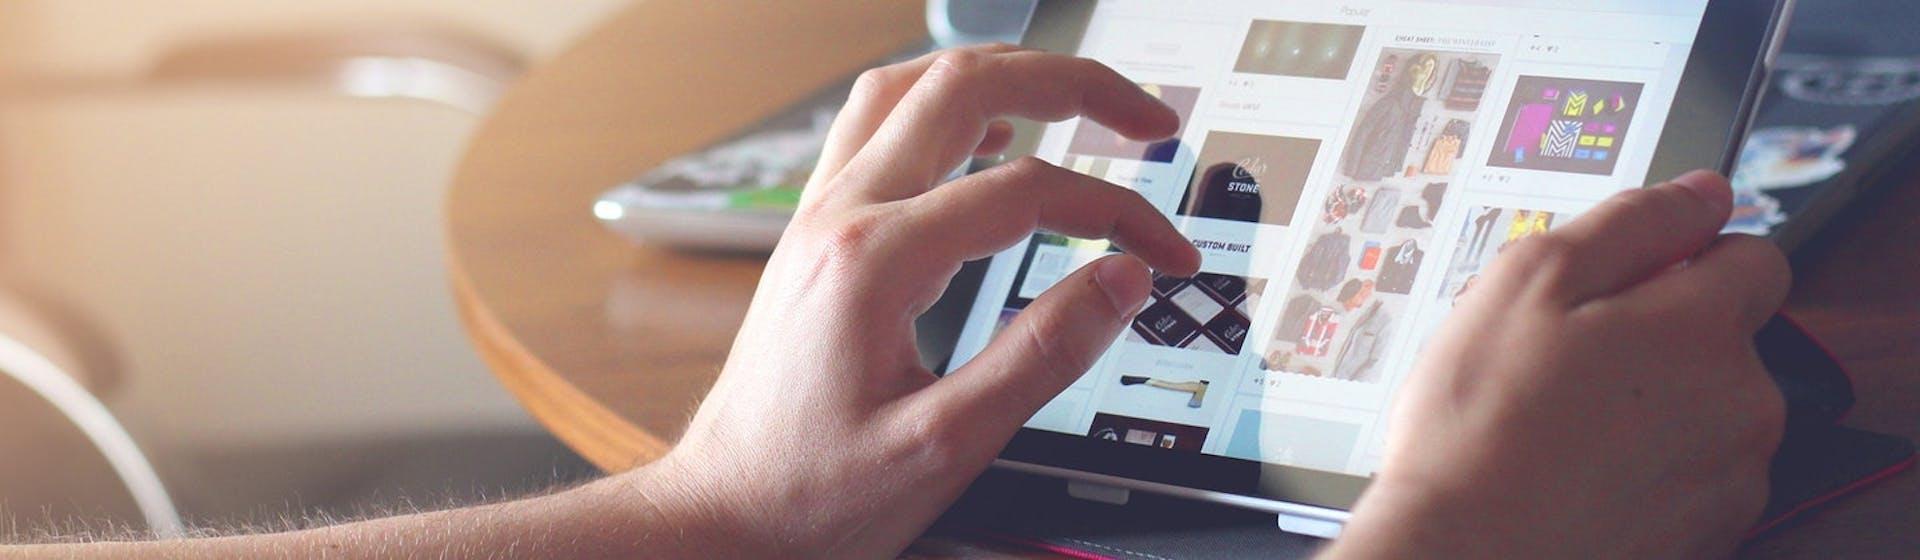 5 características de la comunicación digital que han cambiado la forma de hacer negocios